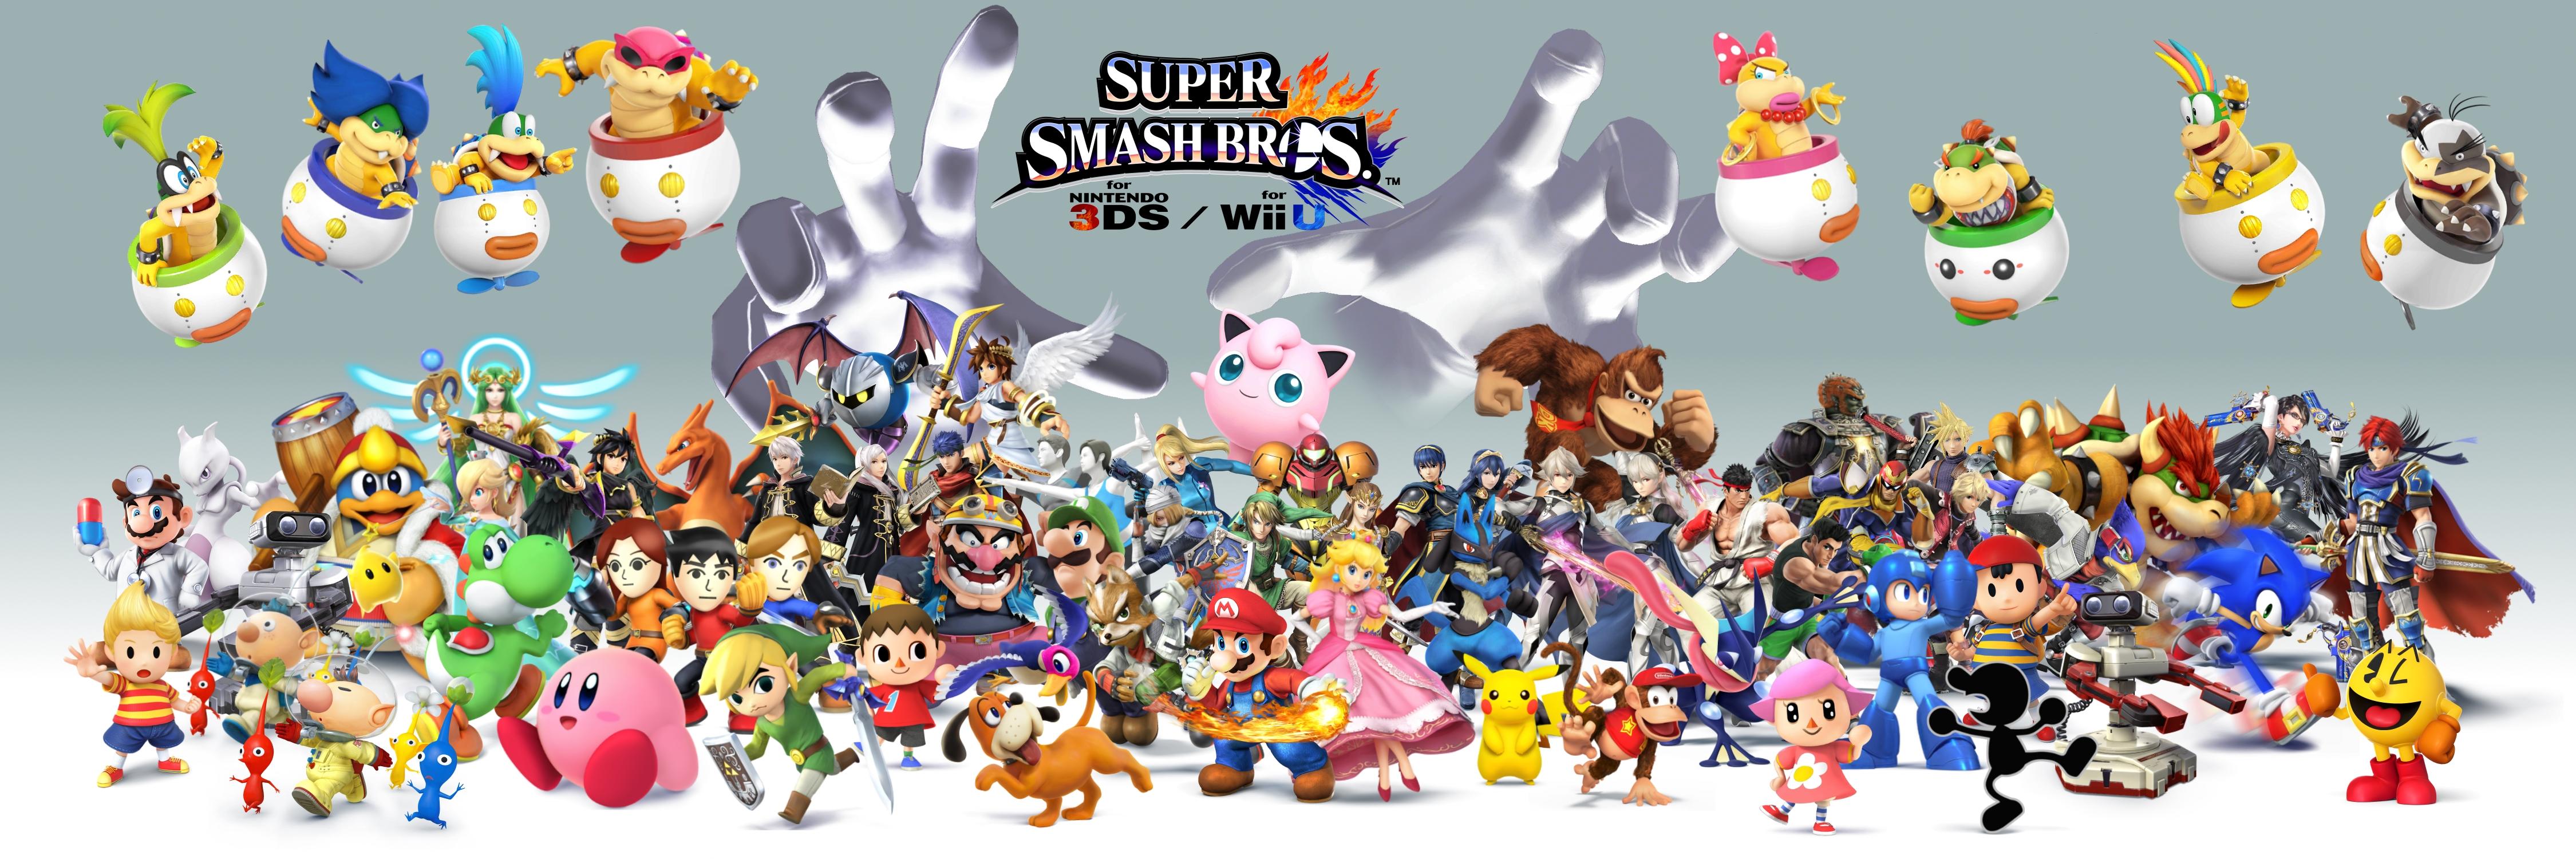 Smash Bros Wii U : Smash bros wii u ds by trikeboy on deviantart